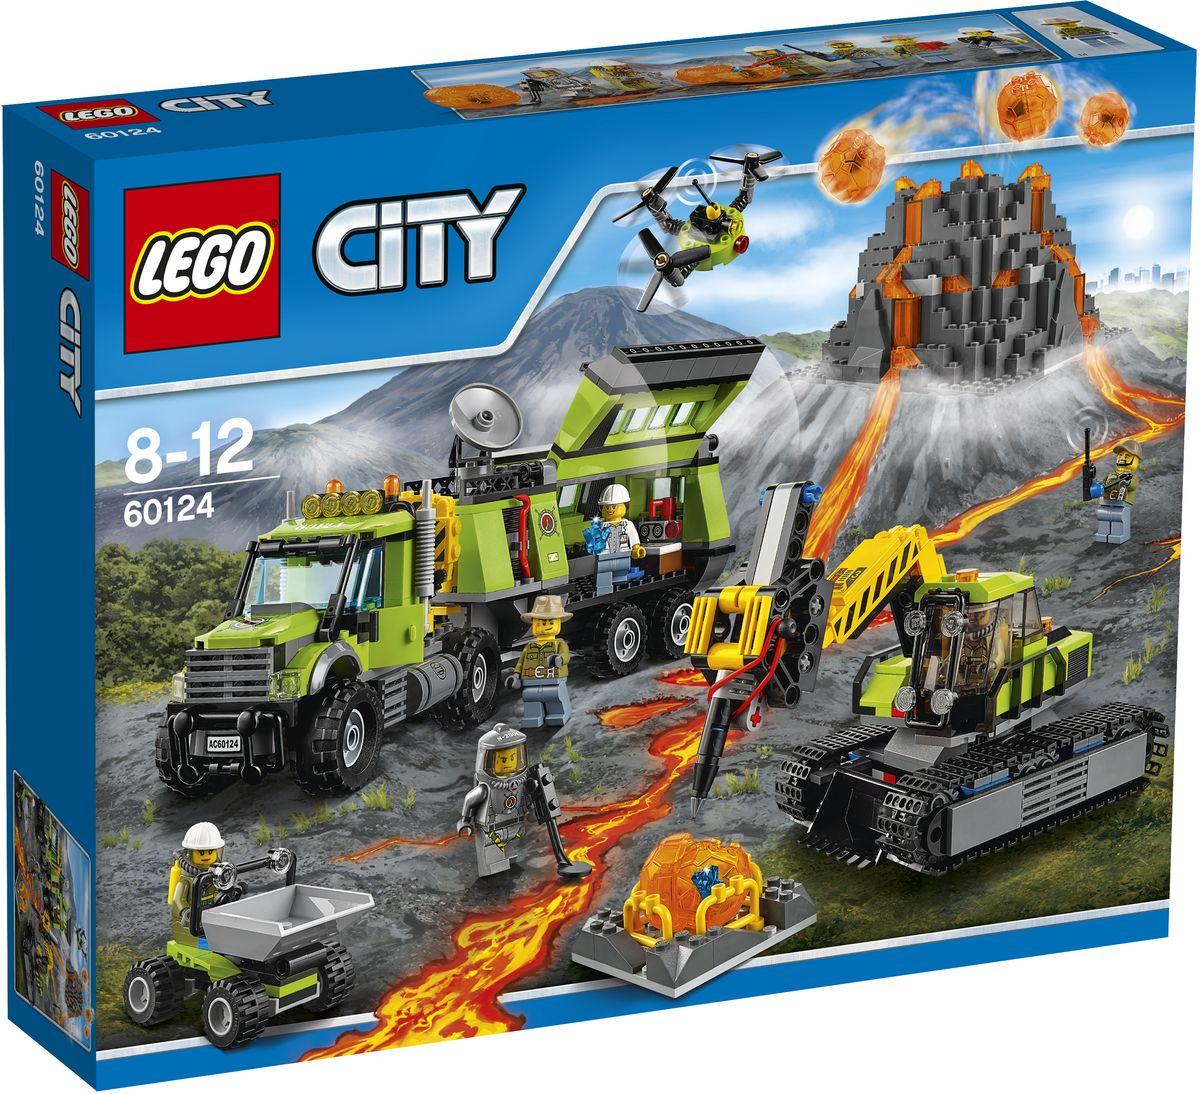 LEGO City Конструктор База исследователей вулканов 6012460124Помогите ученым и исследователям получить новую информацию о вулкане! Найдите место для организации Базы исследователей вулканов, где можно разместить все их оборудование. Затем используйте экскаватор и самосвал, чтобы поместить валуны на склад и разбить их, - и найти кристаллы. Отправьте дрон в полет над вулканом, чтобы получить вид с высоты птичьего полета. Новые научные открытия поражают воображение! Набор включает в себя 824 разноцветных пластиковых элемента. Конструктор - это один из самых увлекательных и веселых способов времяпрепровождения. Ребенок сможет часами играть с конструктором, придумывая различные ситуации и истории.